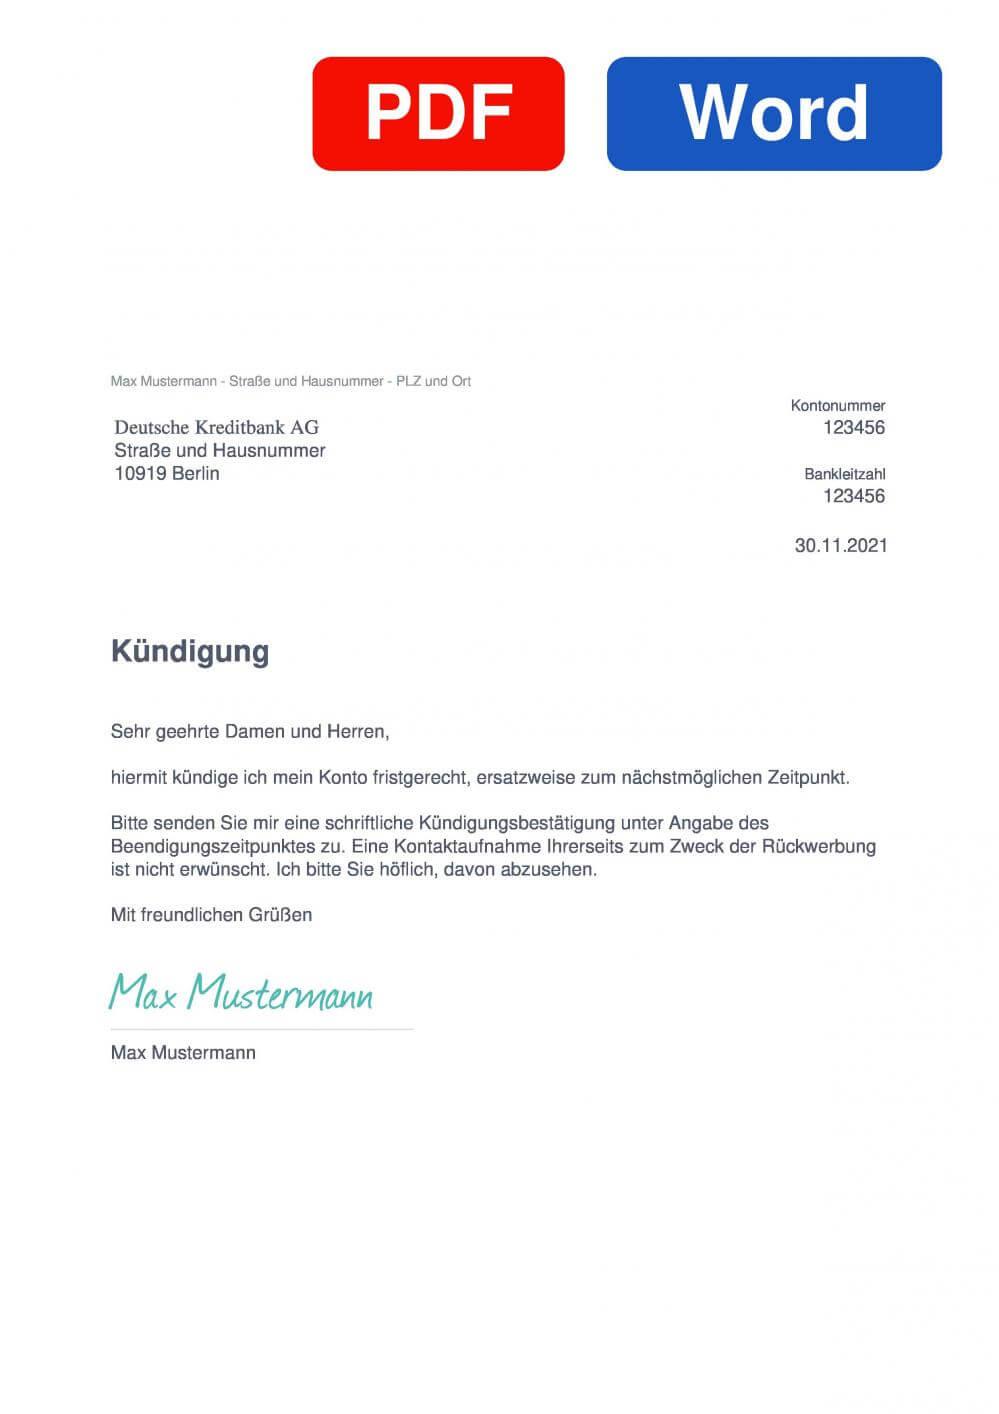 DKB Student Card Muster Vorlage für Kündigungsschreiben